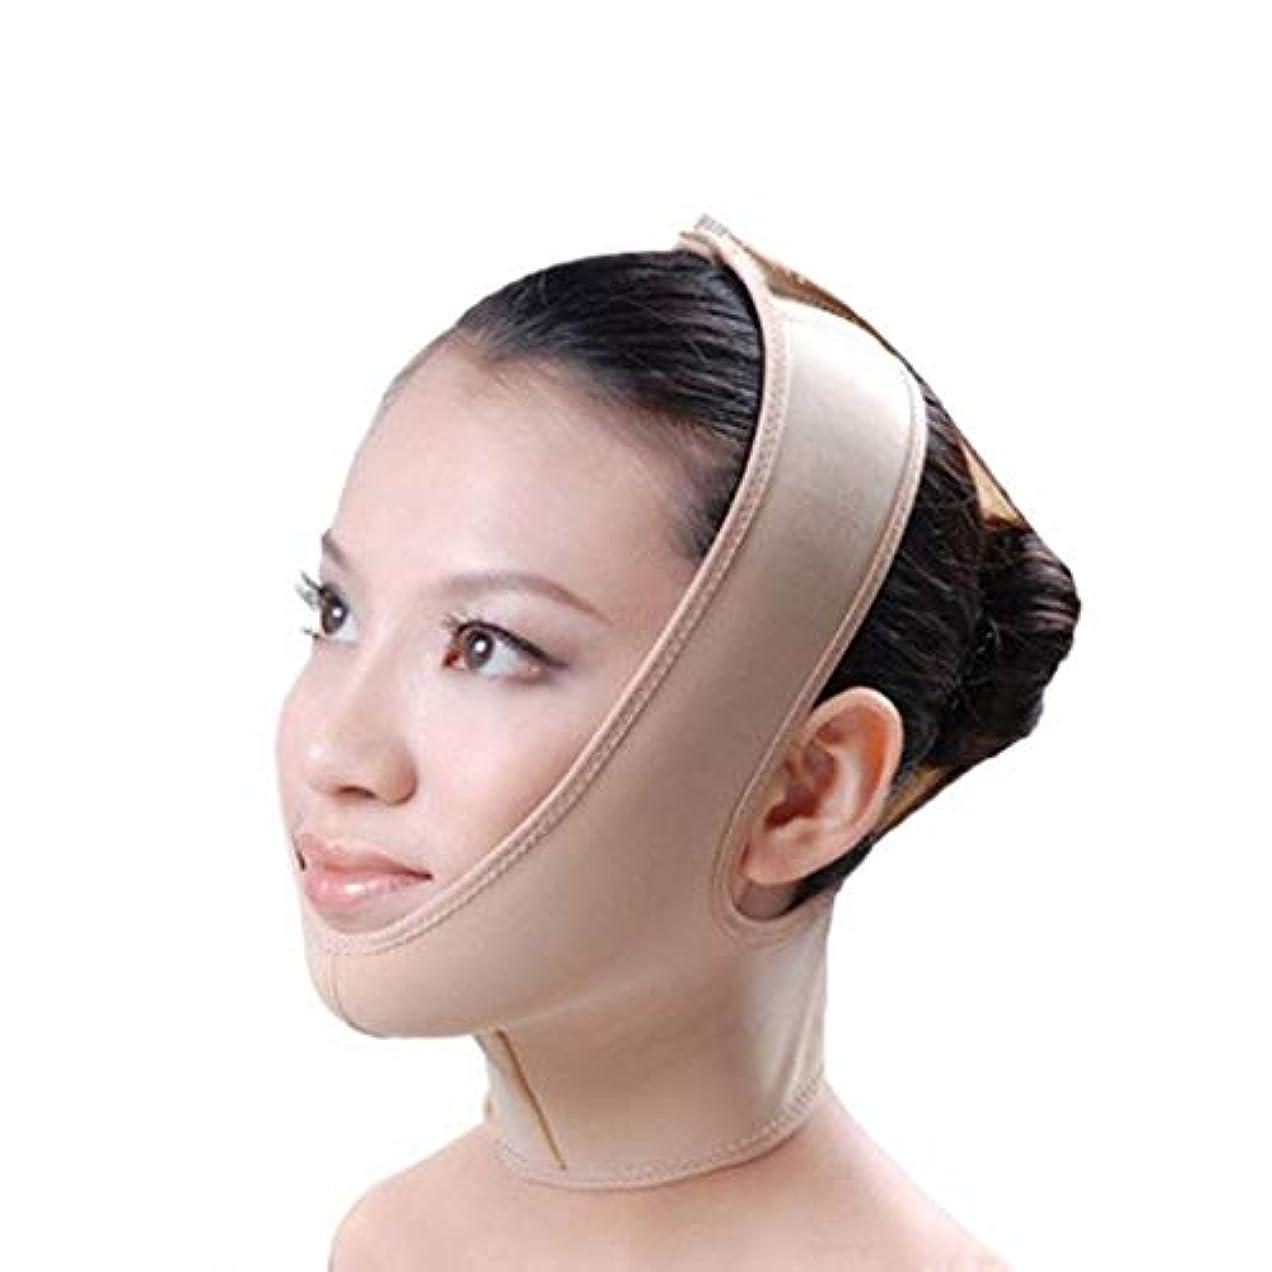 心のこもった衝突革新フェイススリム、リフティングマスク、包帯リフト、二重あご、引き締めフェイシャルリフト、フェイシャル減量マスク、リフティングスキン包帯(サイズ:XL),S